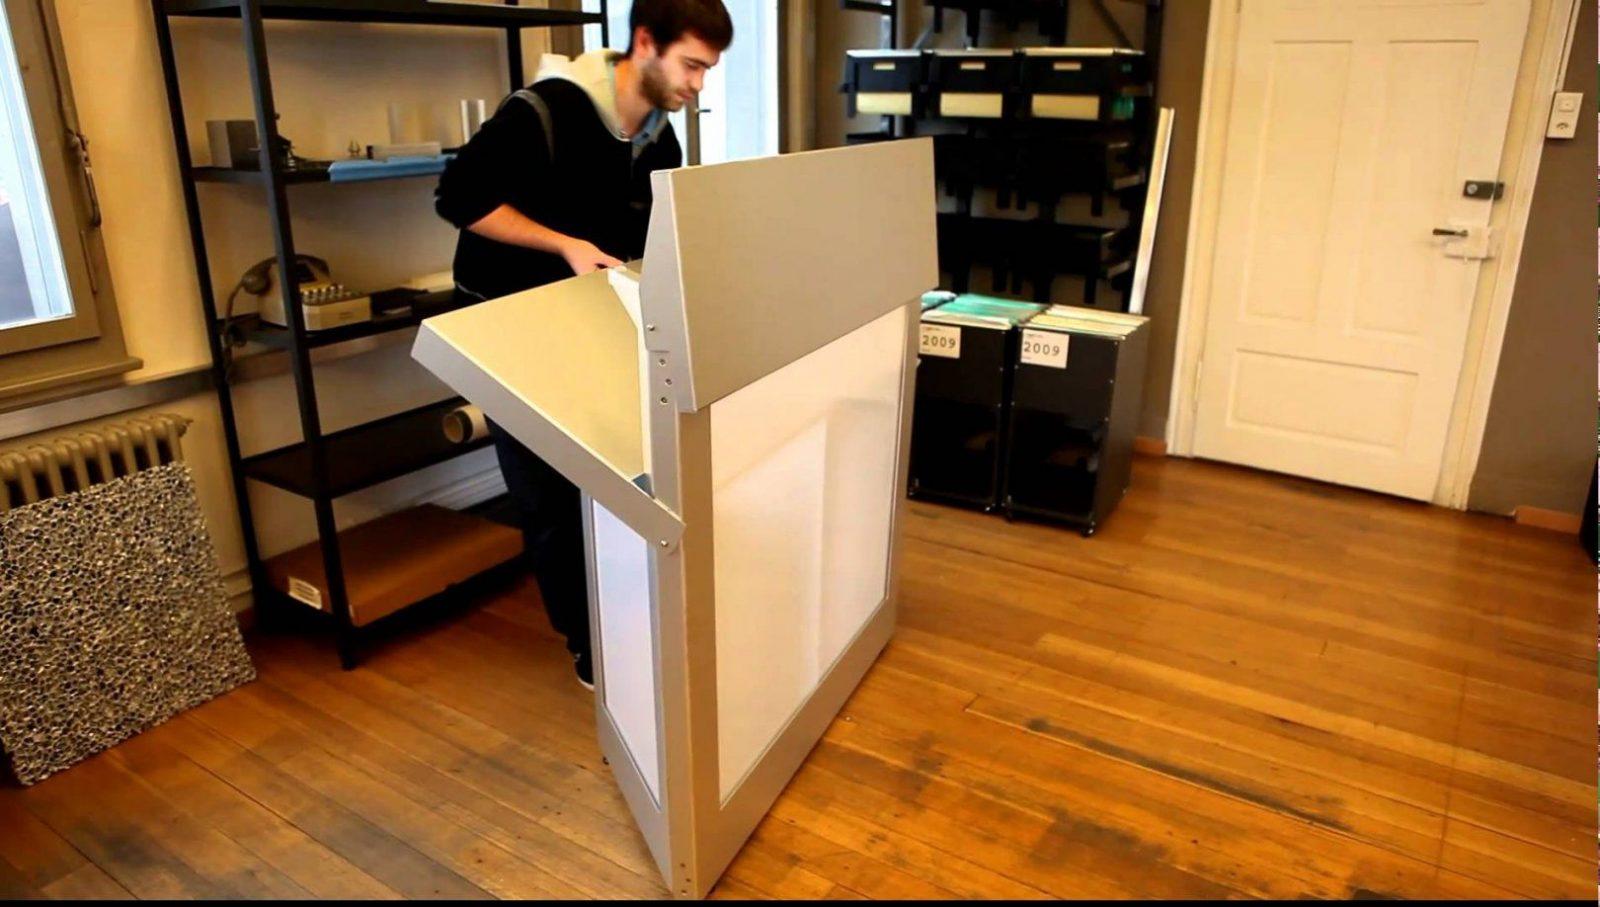 Klappbar Aus Aluminium Barelement  Youtube von Mobile Bar Selber Bauen Bild